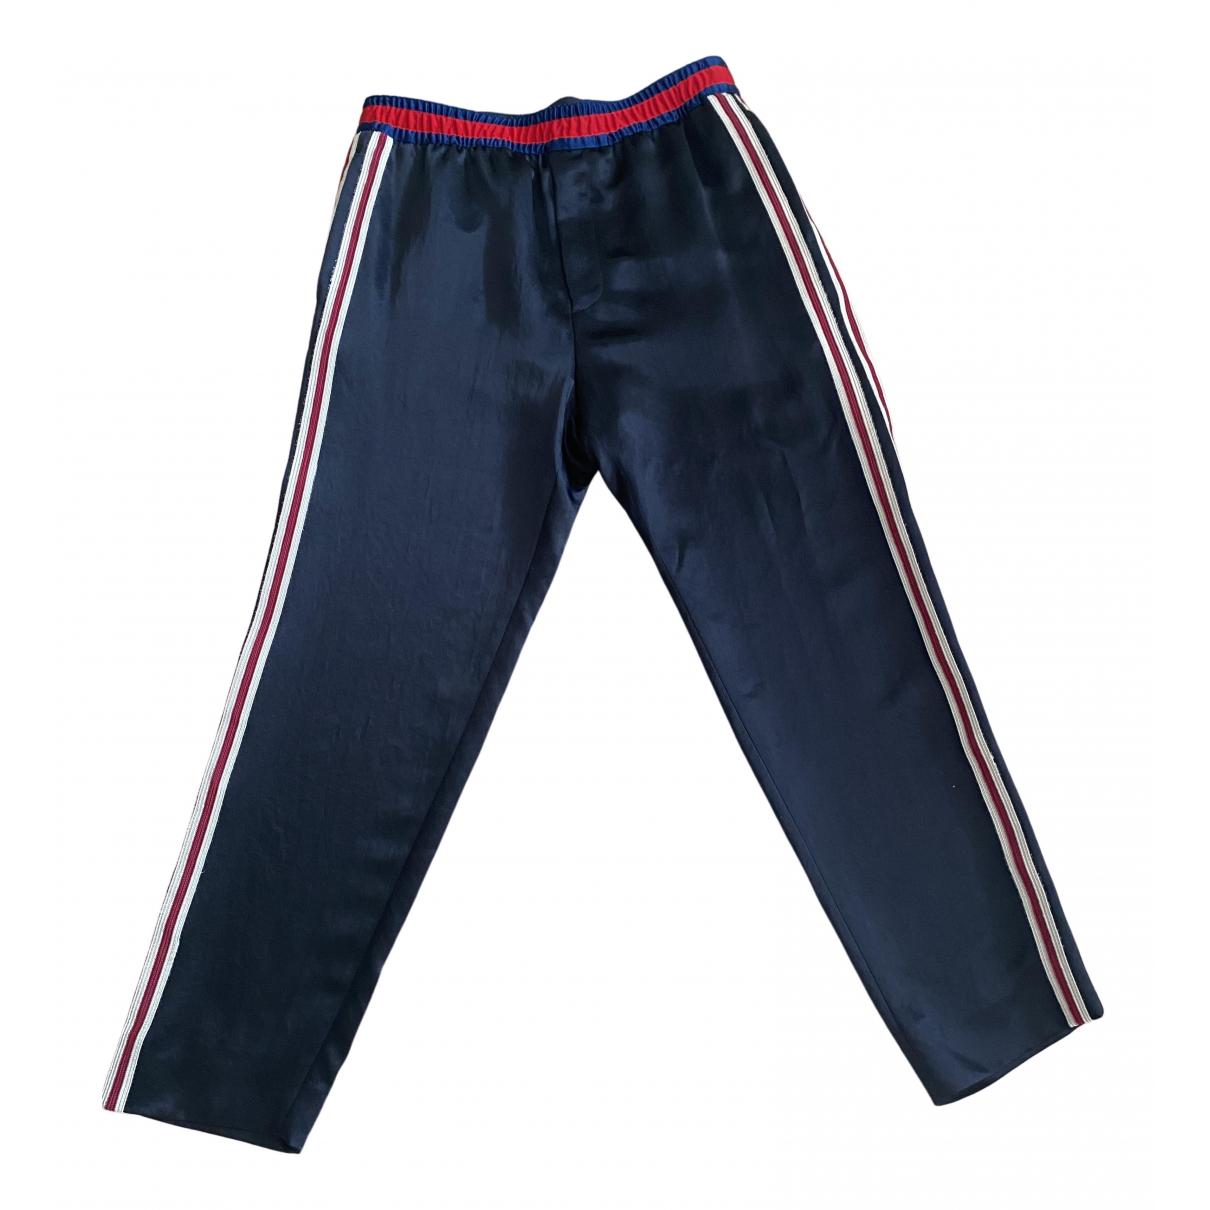 Pantalones en Sintetico Negro Gucci